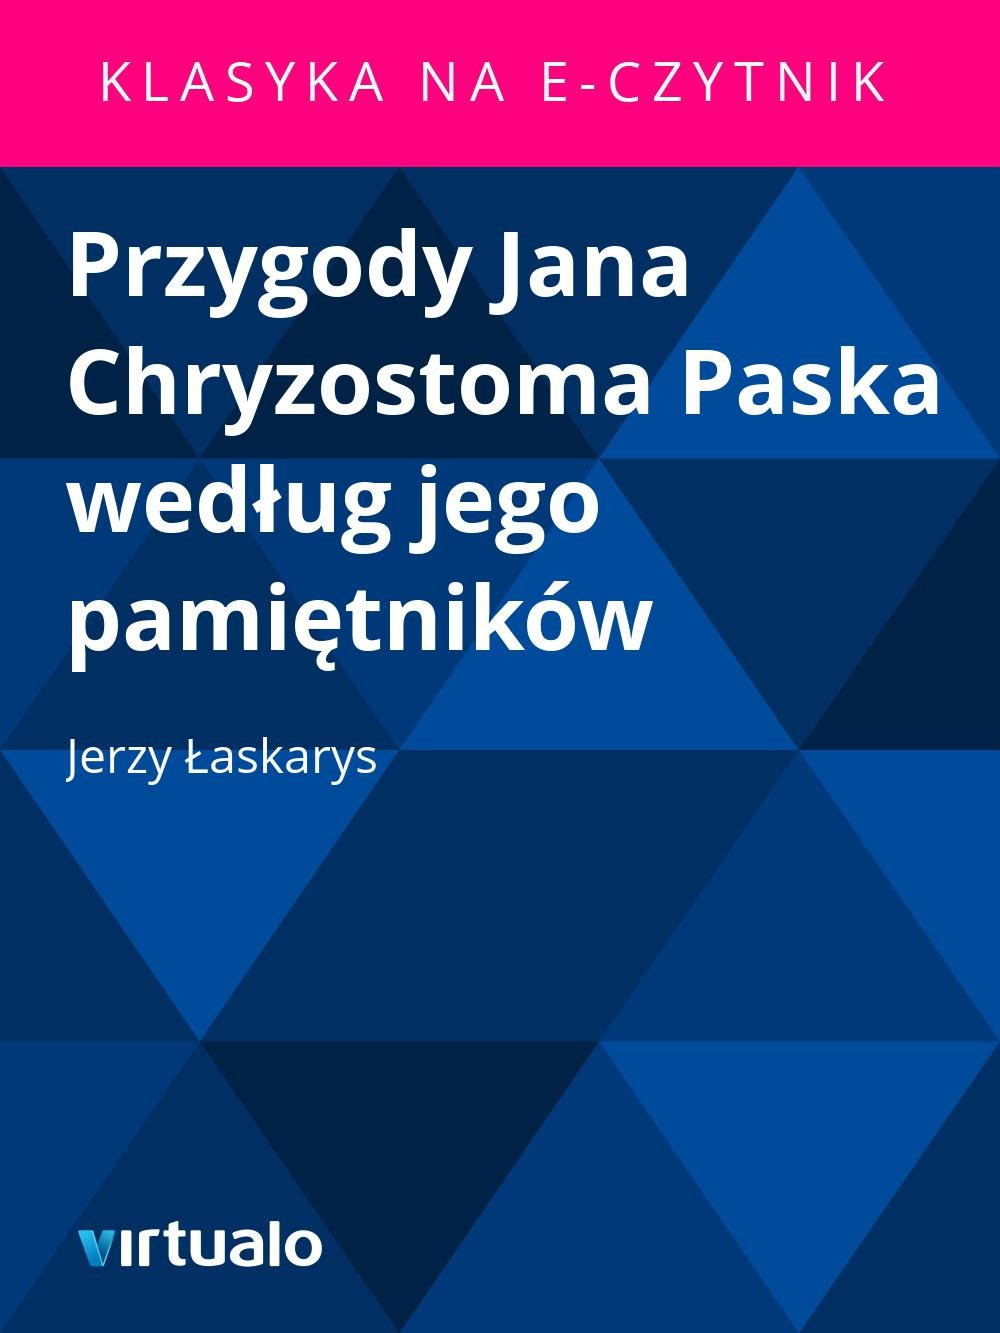 Przygody Jana Chryzostoma Paska według jego pamiętników - Ebook (Książka EPUB) do pobrania w formacie EPUB